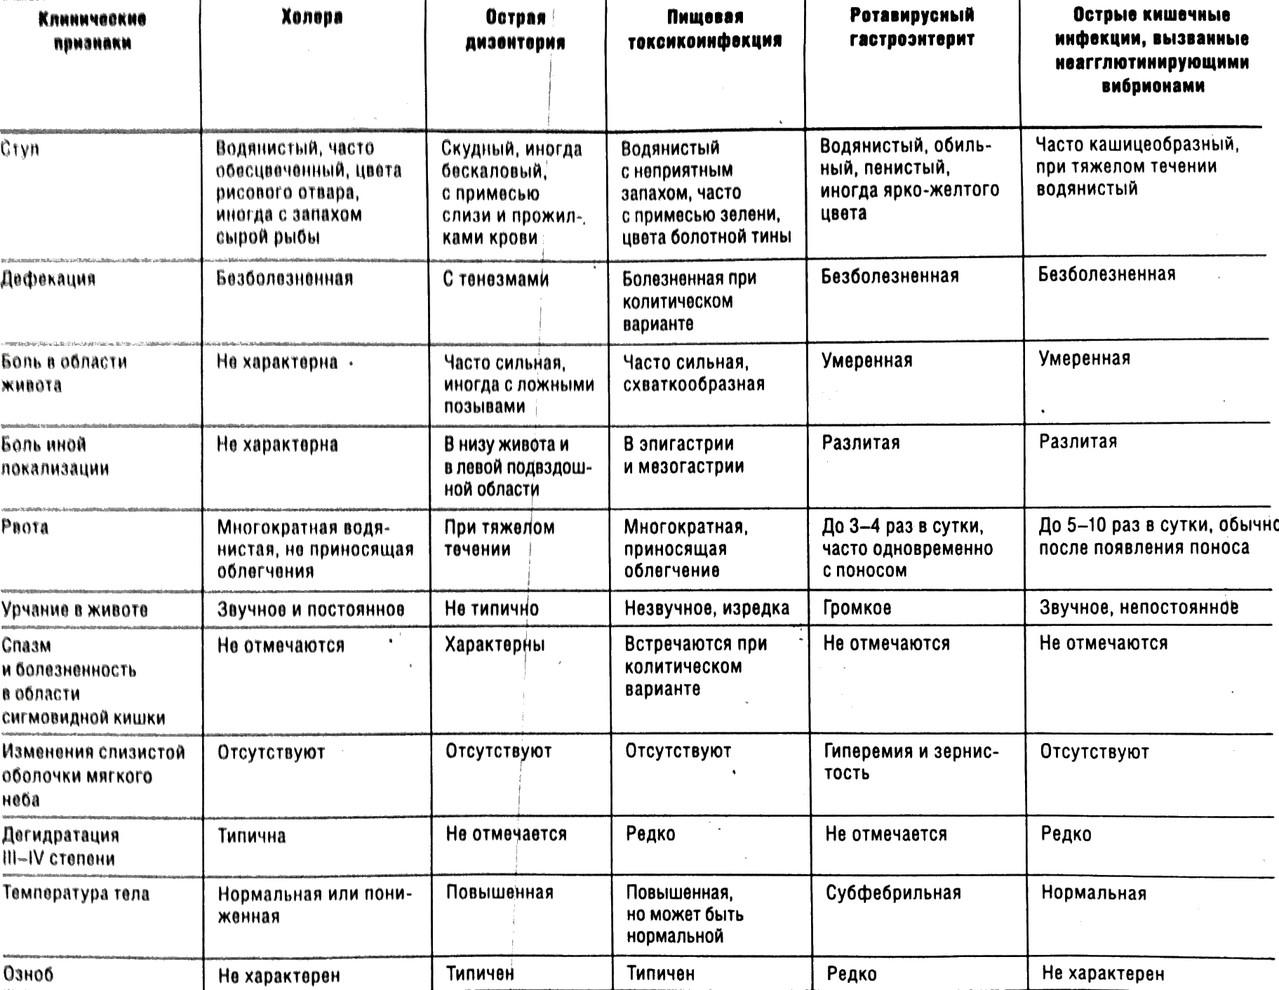 шпаргалки для экзамена по инфекционным болезням